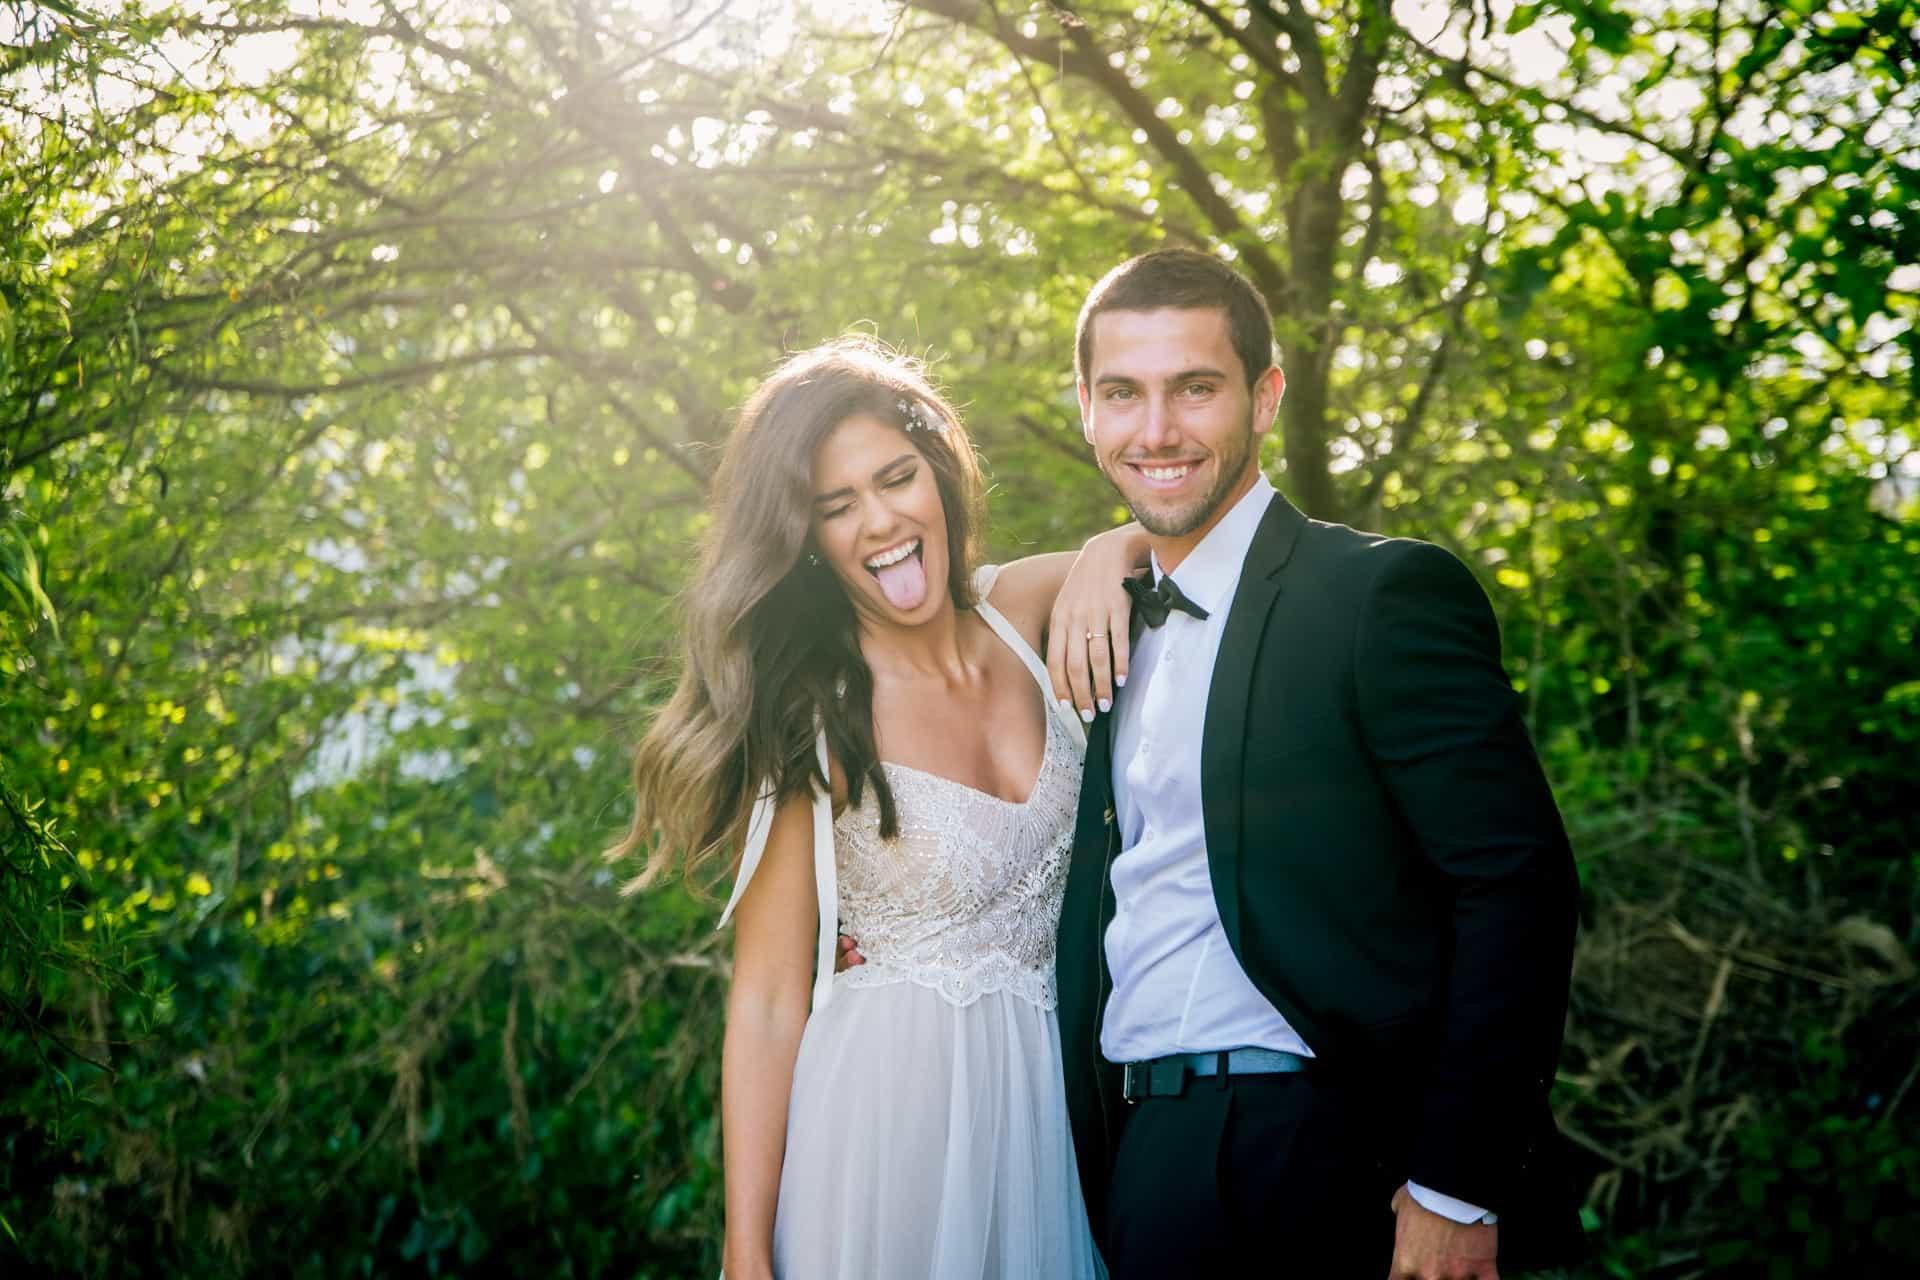 בחירת צלמים לחתונה